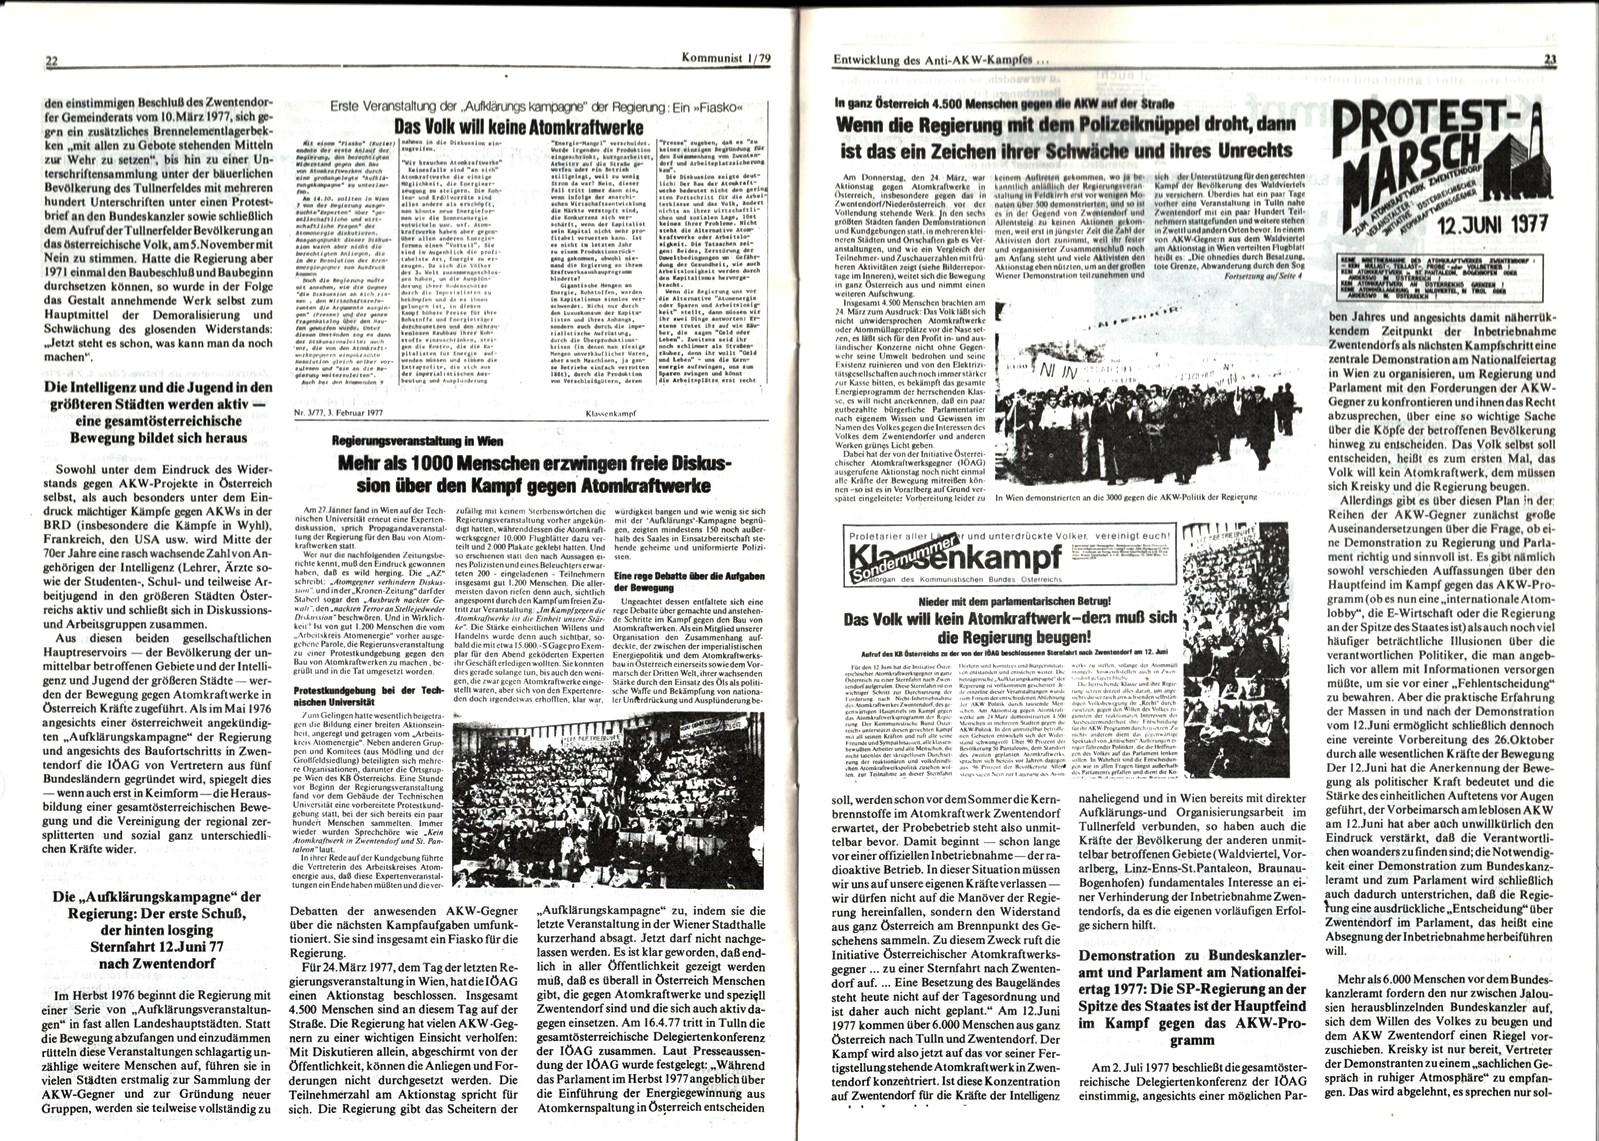 KBOe_TO_Kommunist_19790100_001_013